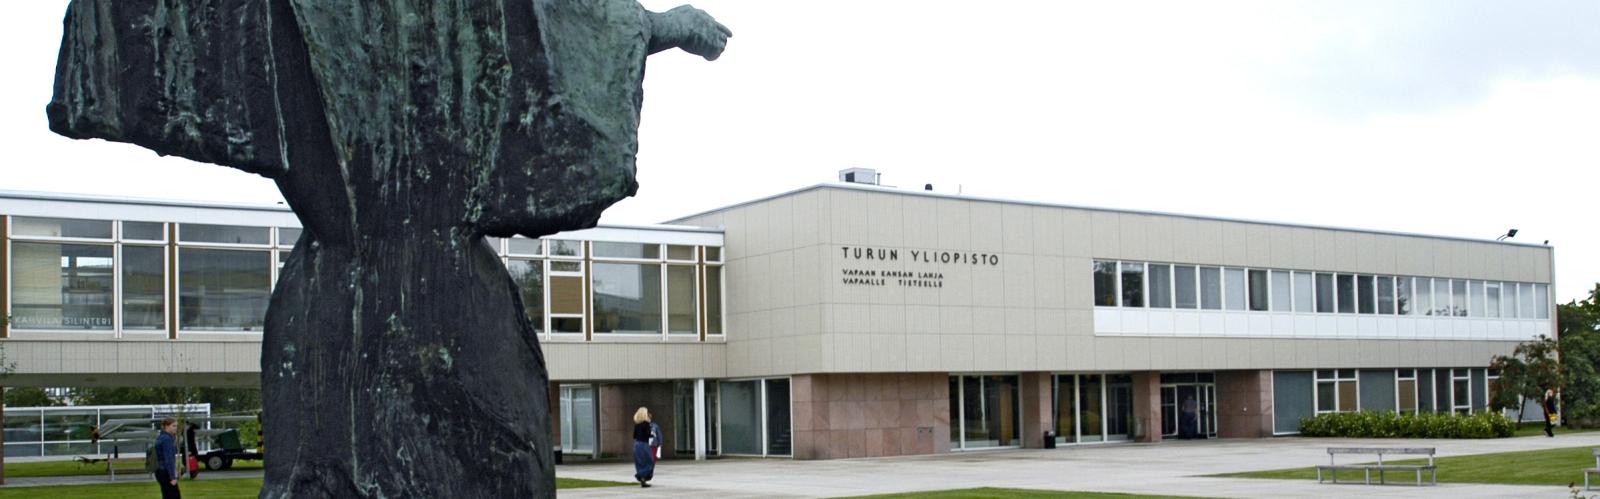 Русский студент в Финляндии: не стоит переживать из-за одиночества